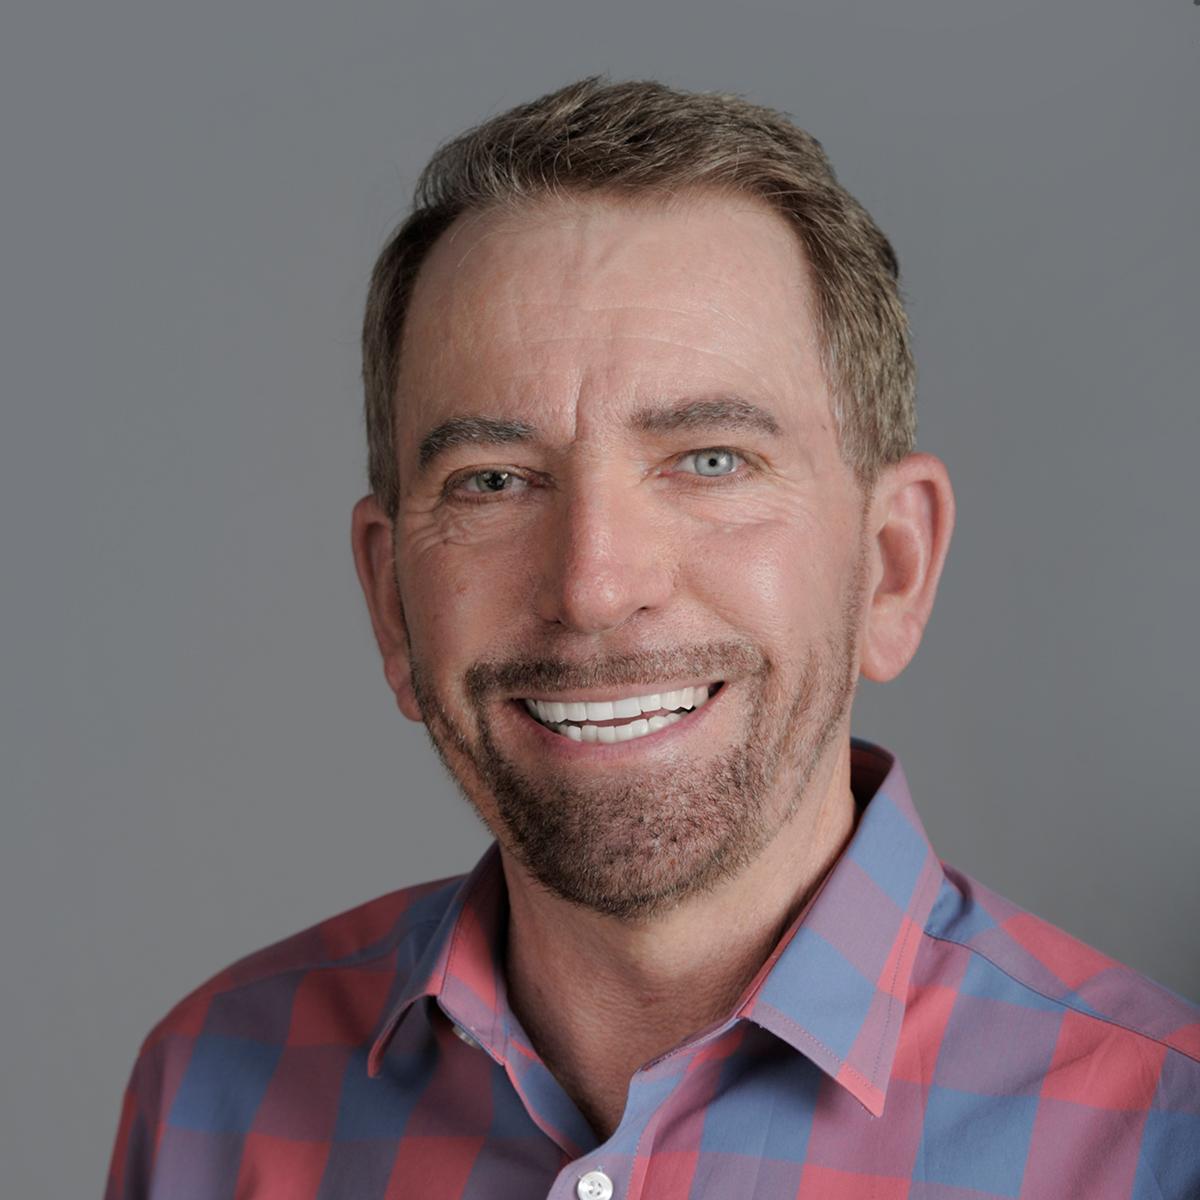 Steve Malone